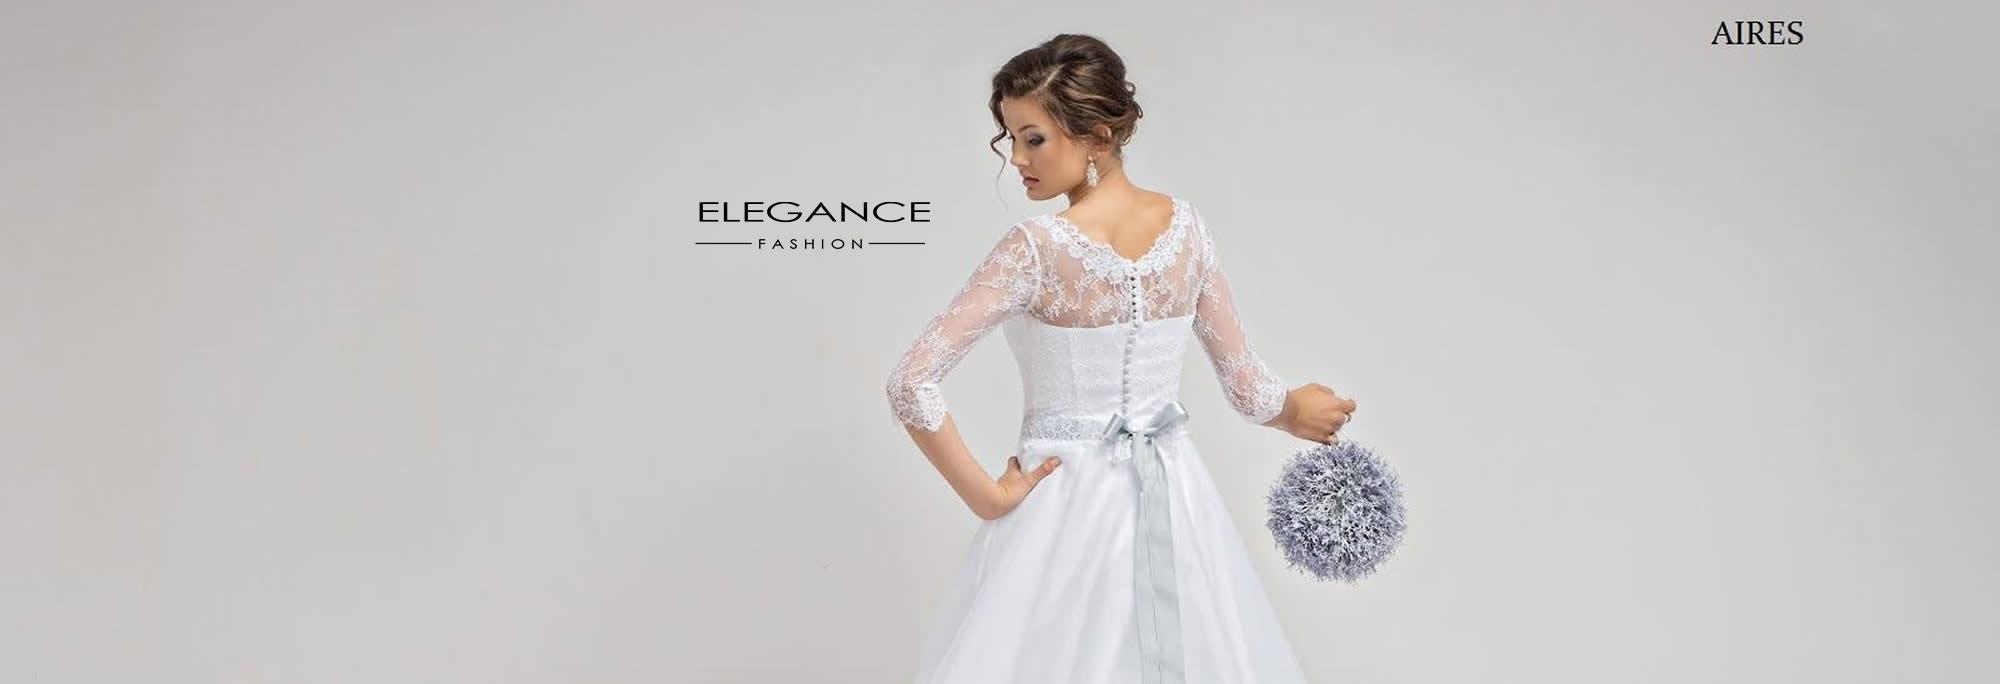 15 Luxus Brautmode Abendkleider Ärmel20 Leicht Brautmode Abendkleider Galerie